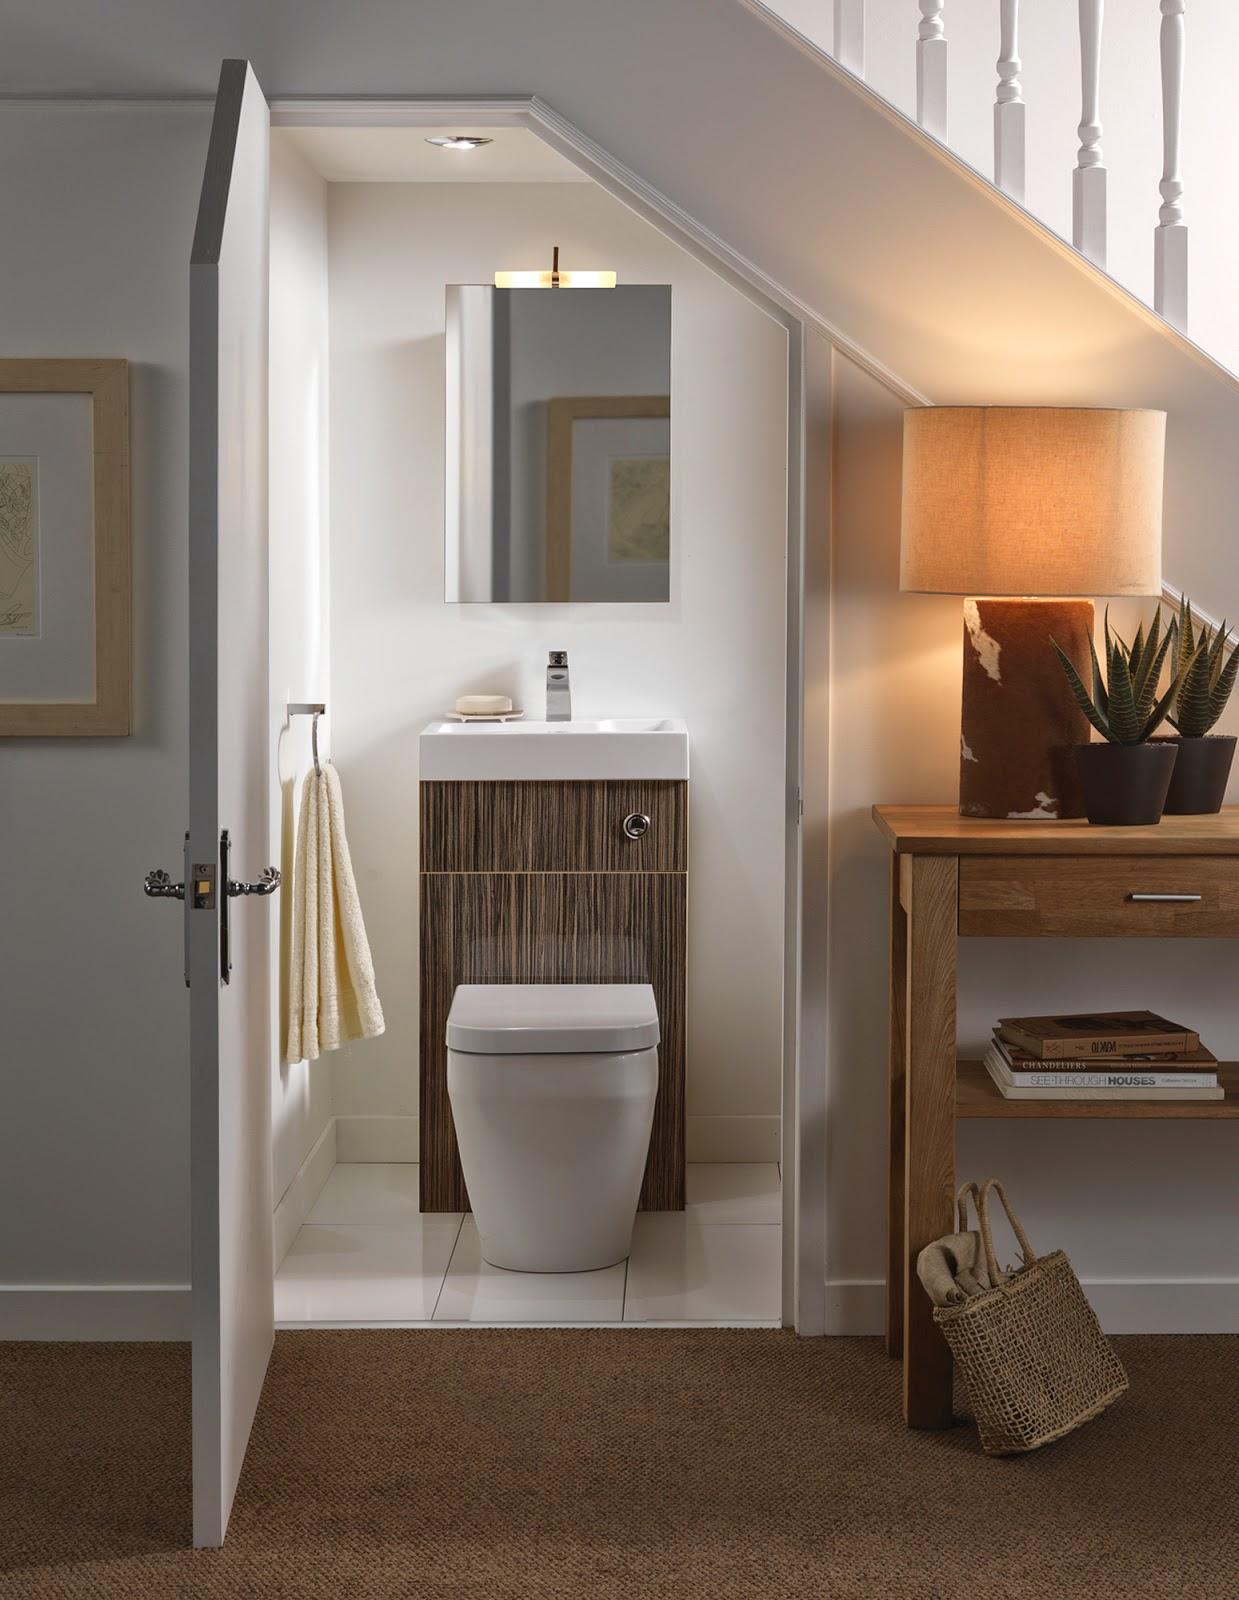 Mẫu nhà vệ sinh đơn giản thiết kế dưới gầm cầu thang